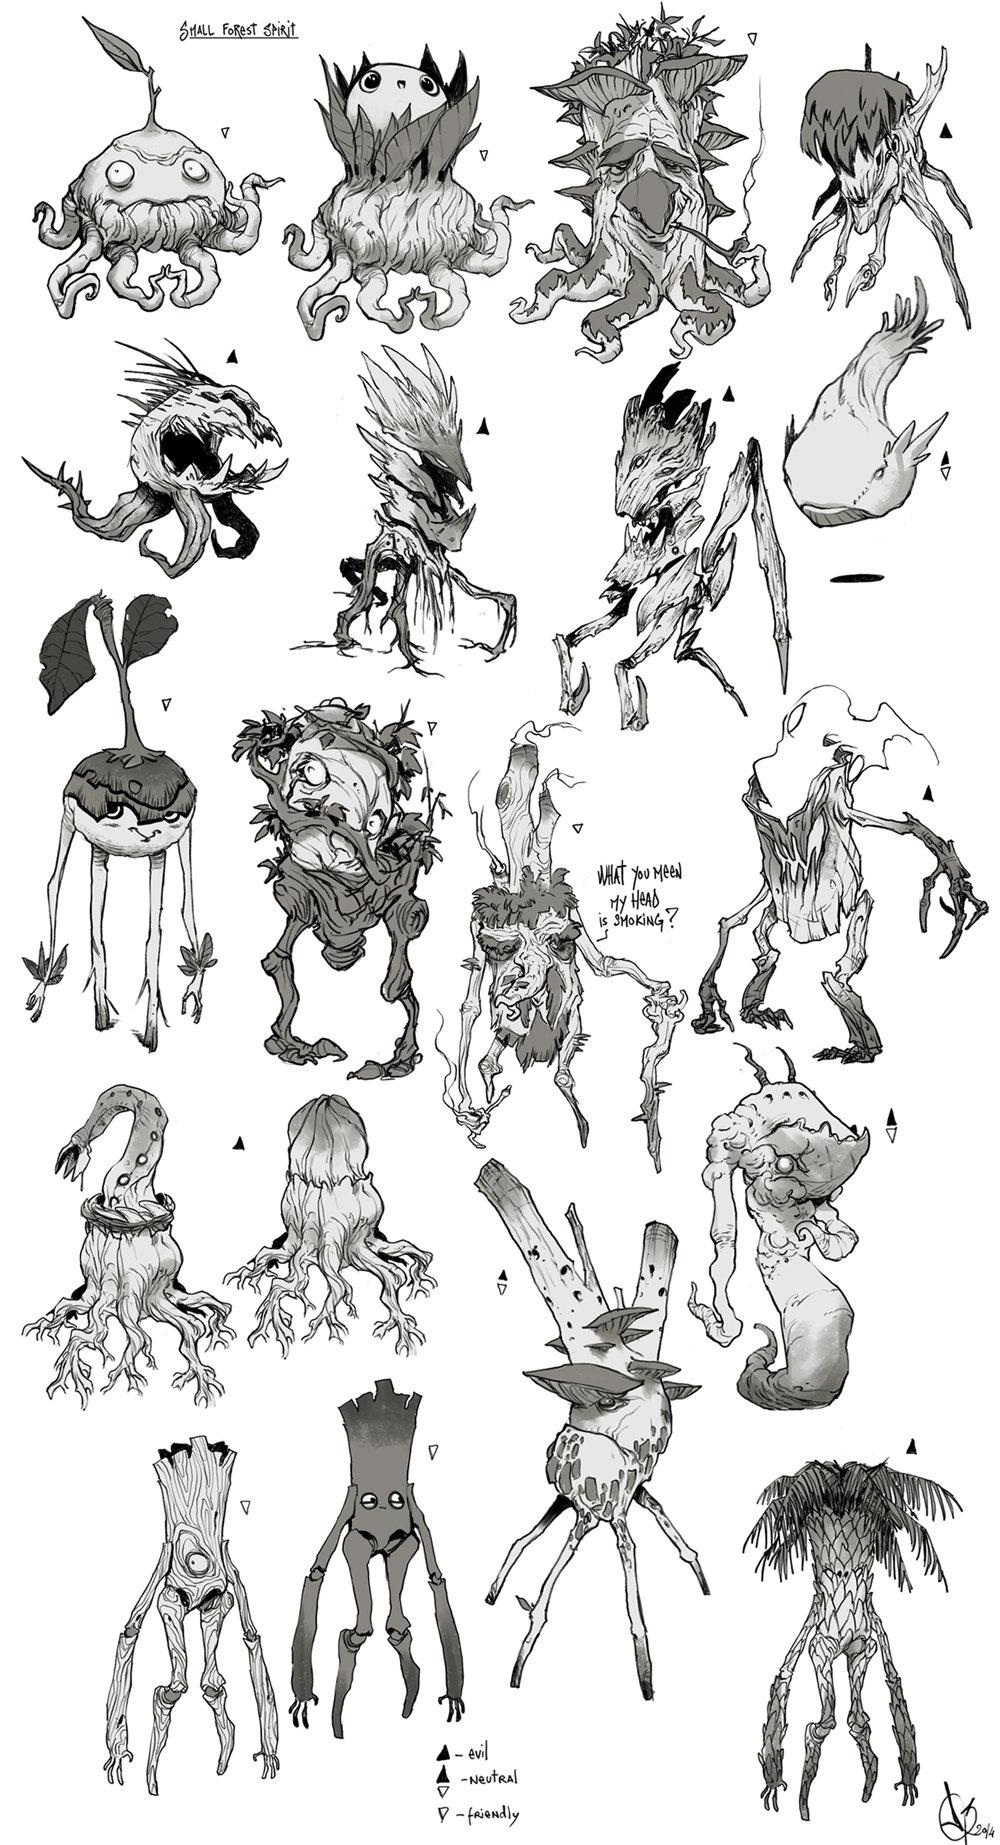 david-sequeira-wood-creature